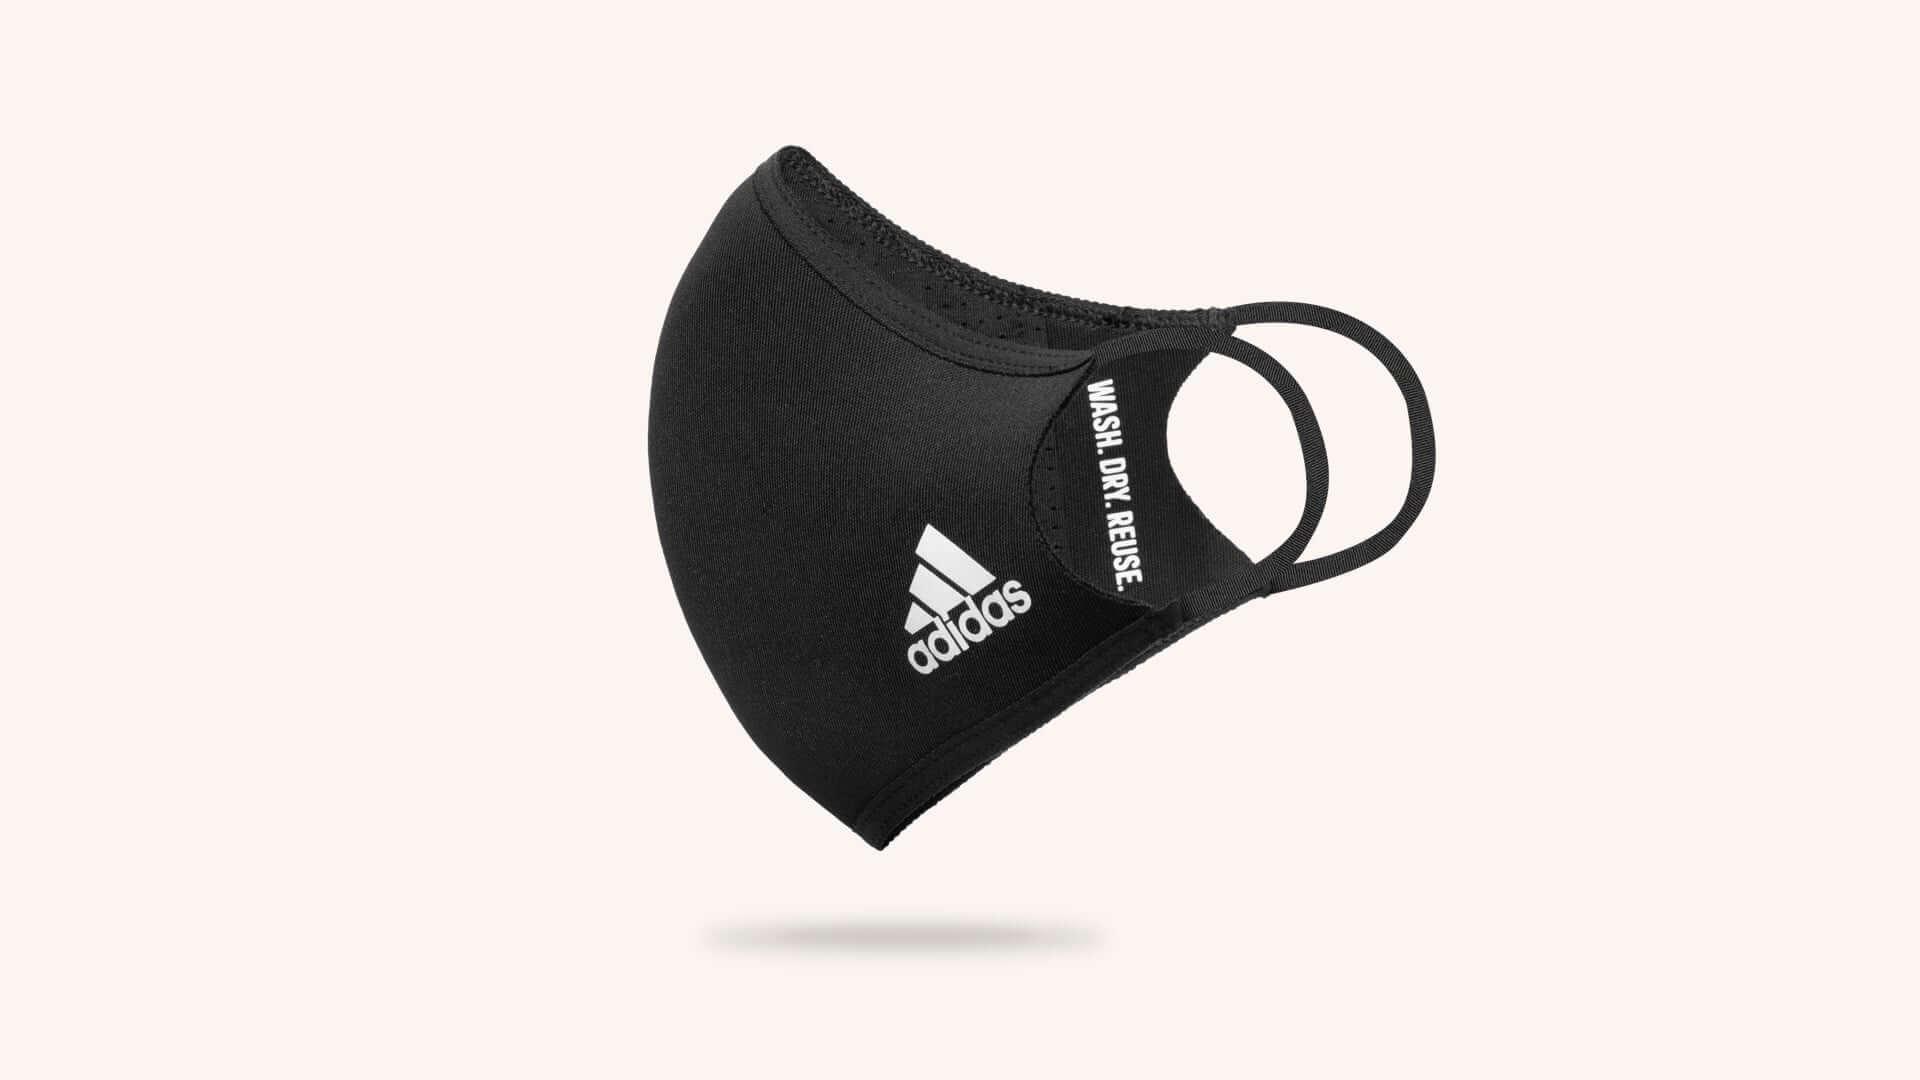 adidasよりリサイクル素材を使用した洗濯可能なマスク『adidas FACE COVER』が登場&予約受付がスタート! lf200803_adidas-mask_4-1920x1080